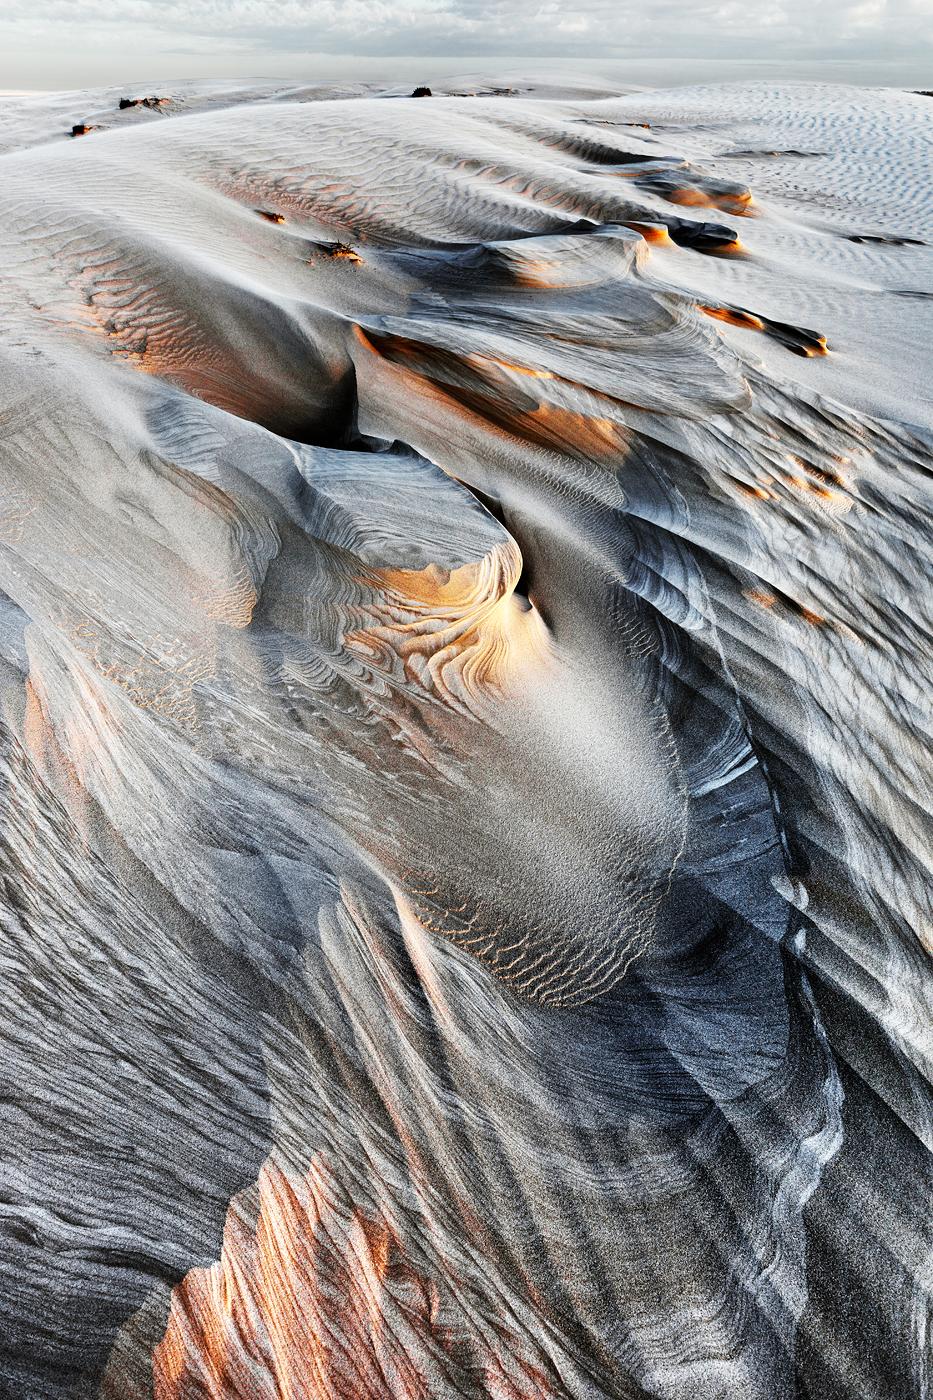 Sandscape #9, Fowlers Bay, SA